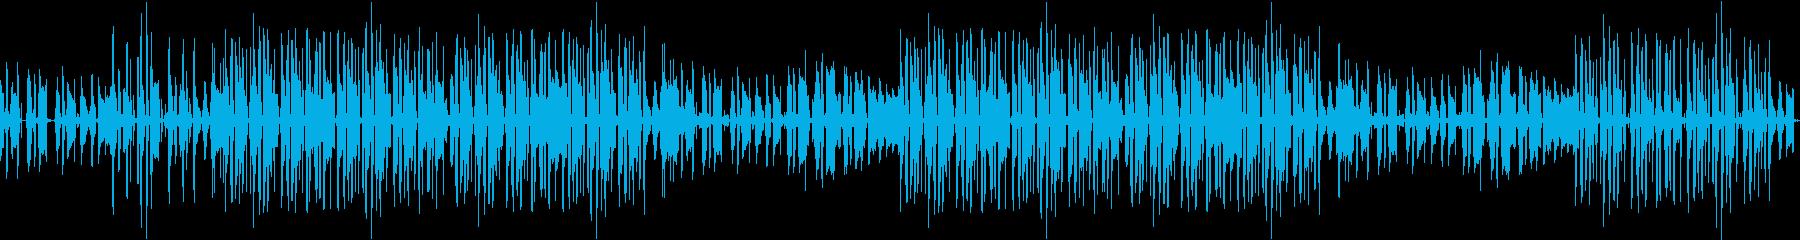 ギター・お洒落・カフェ・楽しい・ループの再生済みの波形